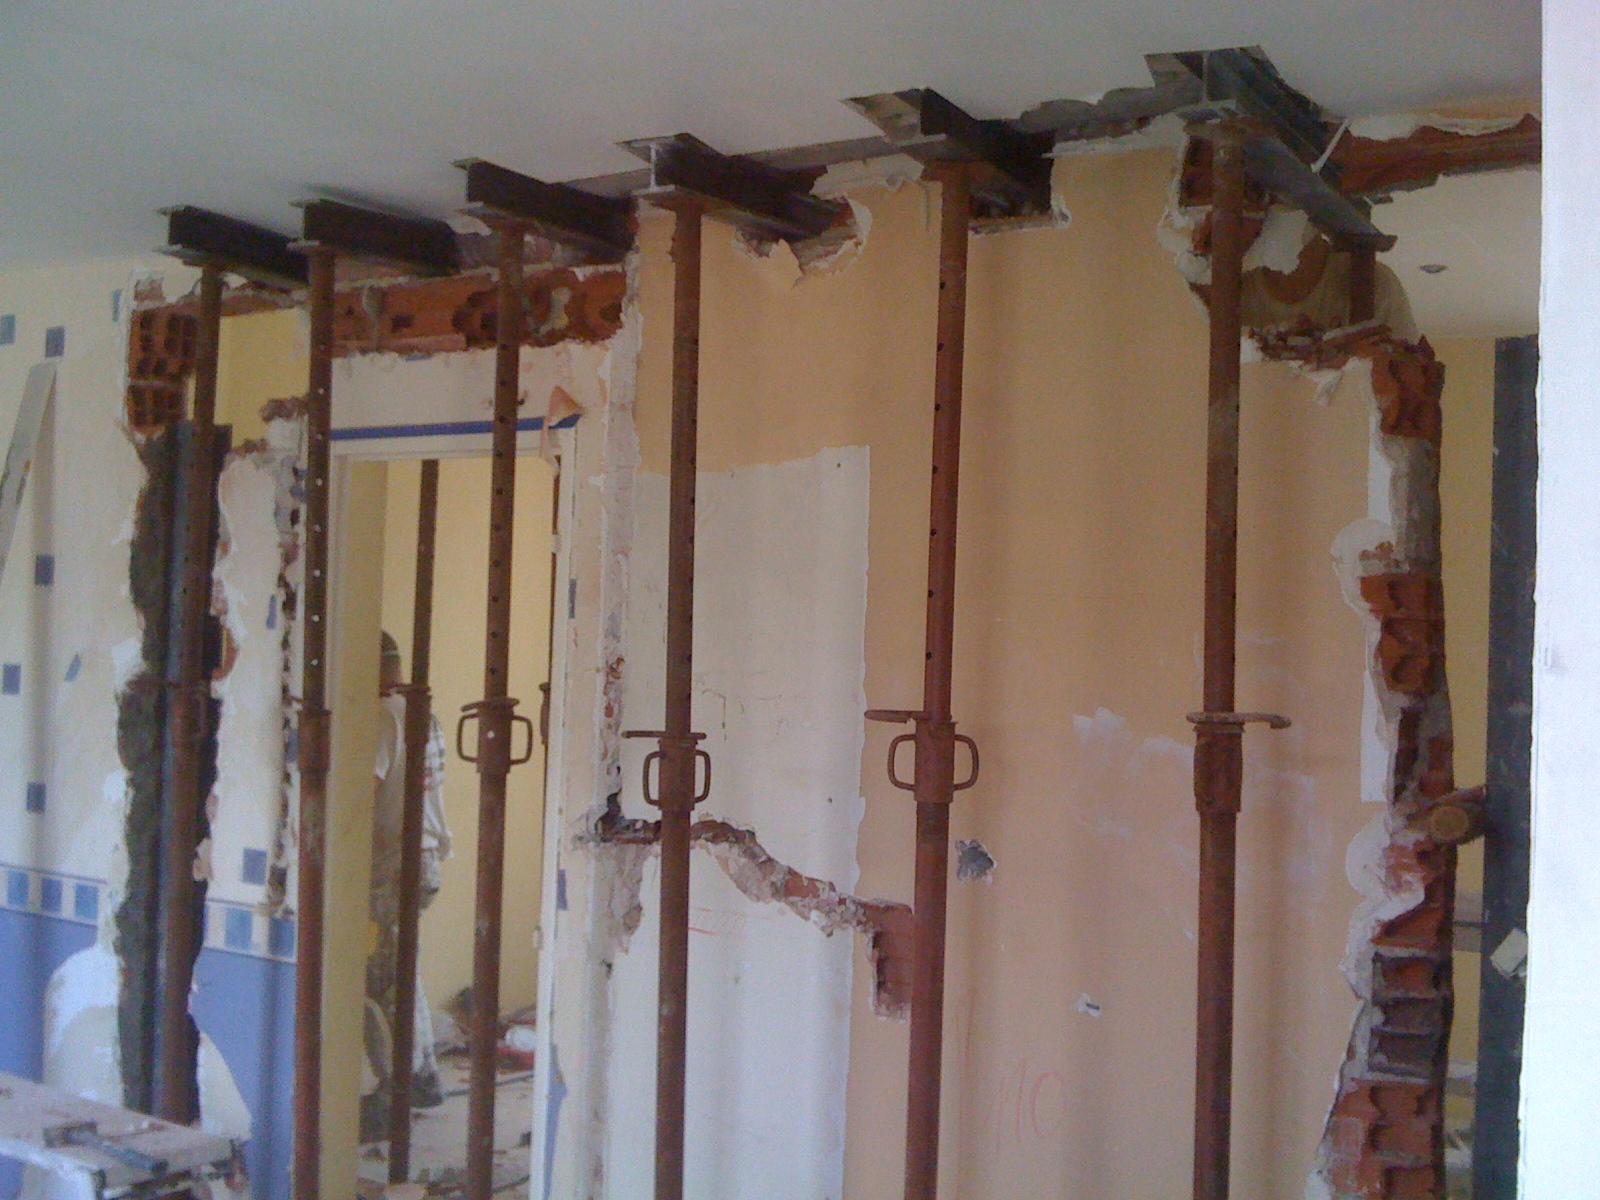 Ouverture mur porteur ou mur de refend par chevalement 2 le mur porteur - Creer une ouverture dans un mur en parpaing ...